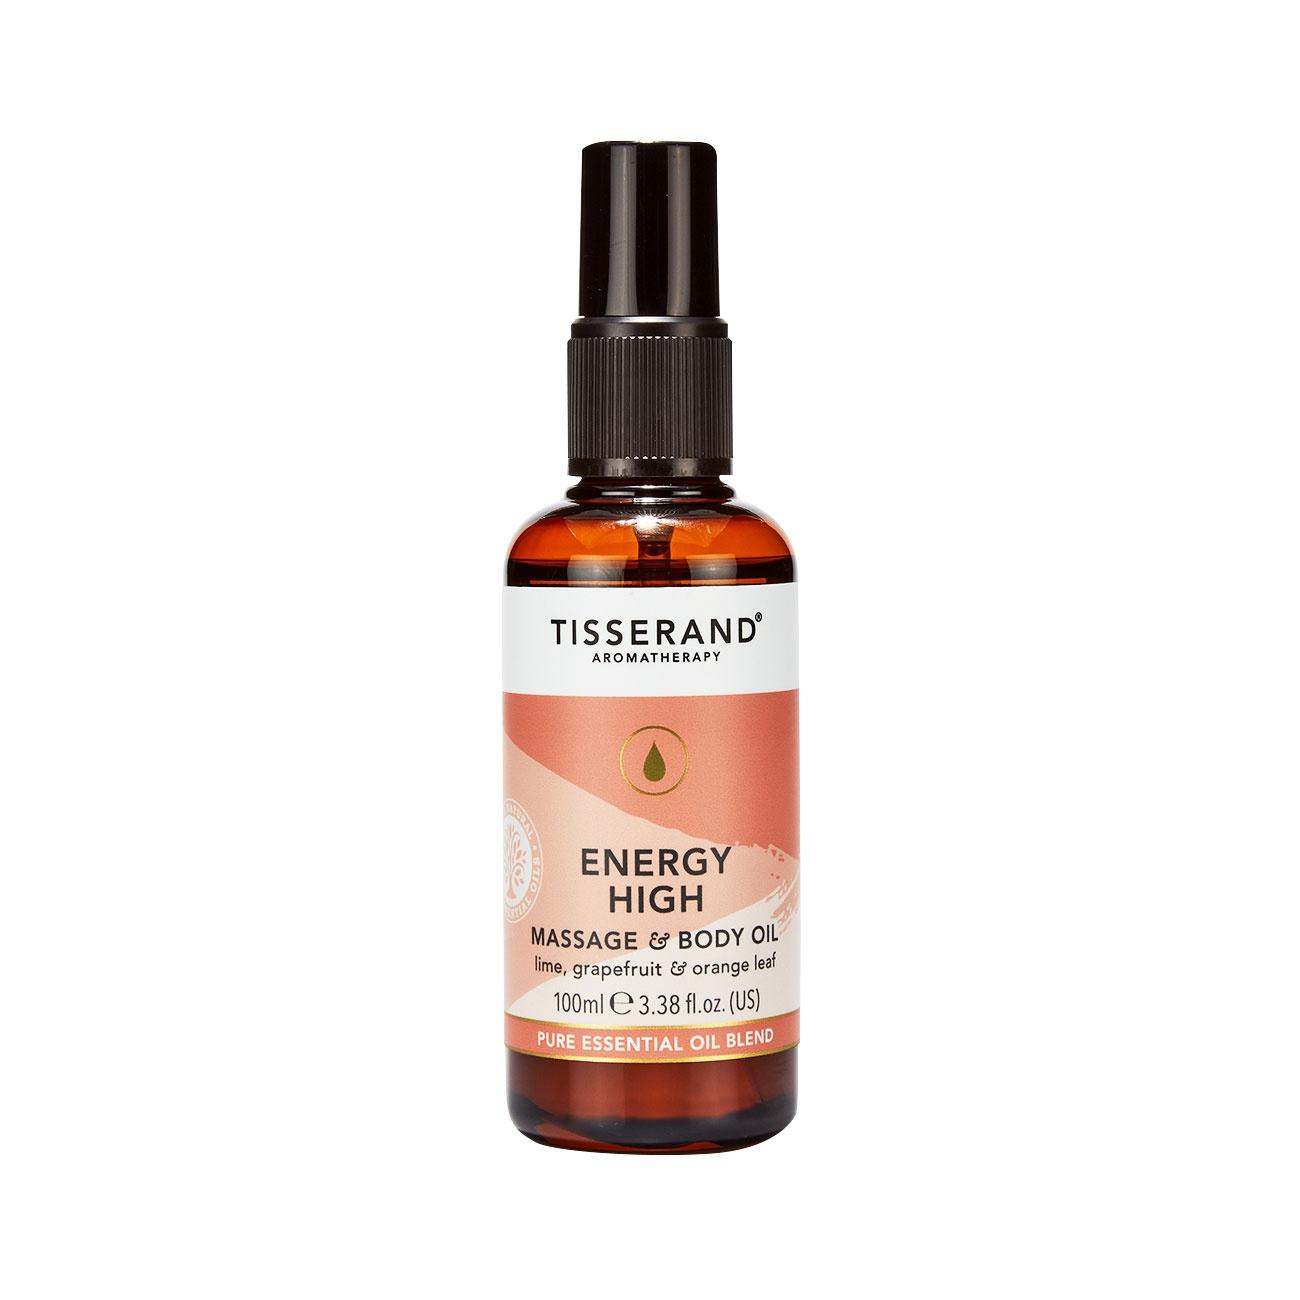 Tisserand Energy High Body Massage Oil 100ml